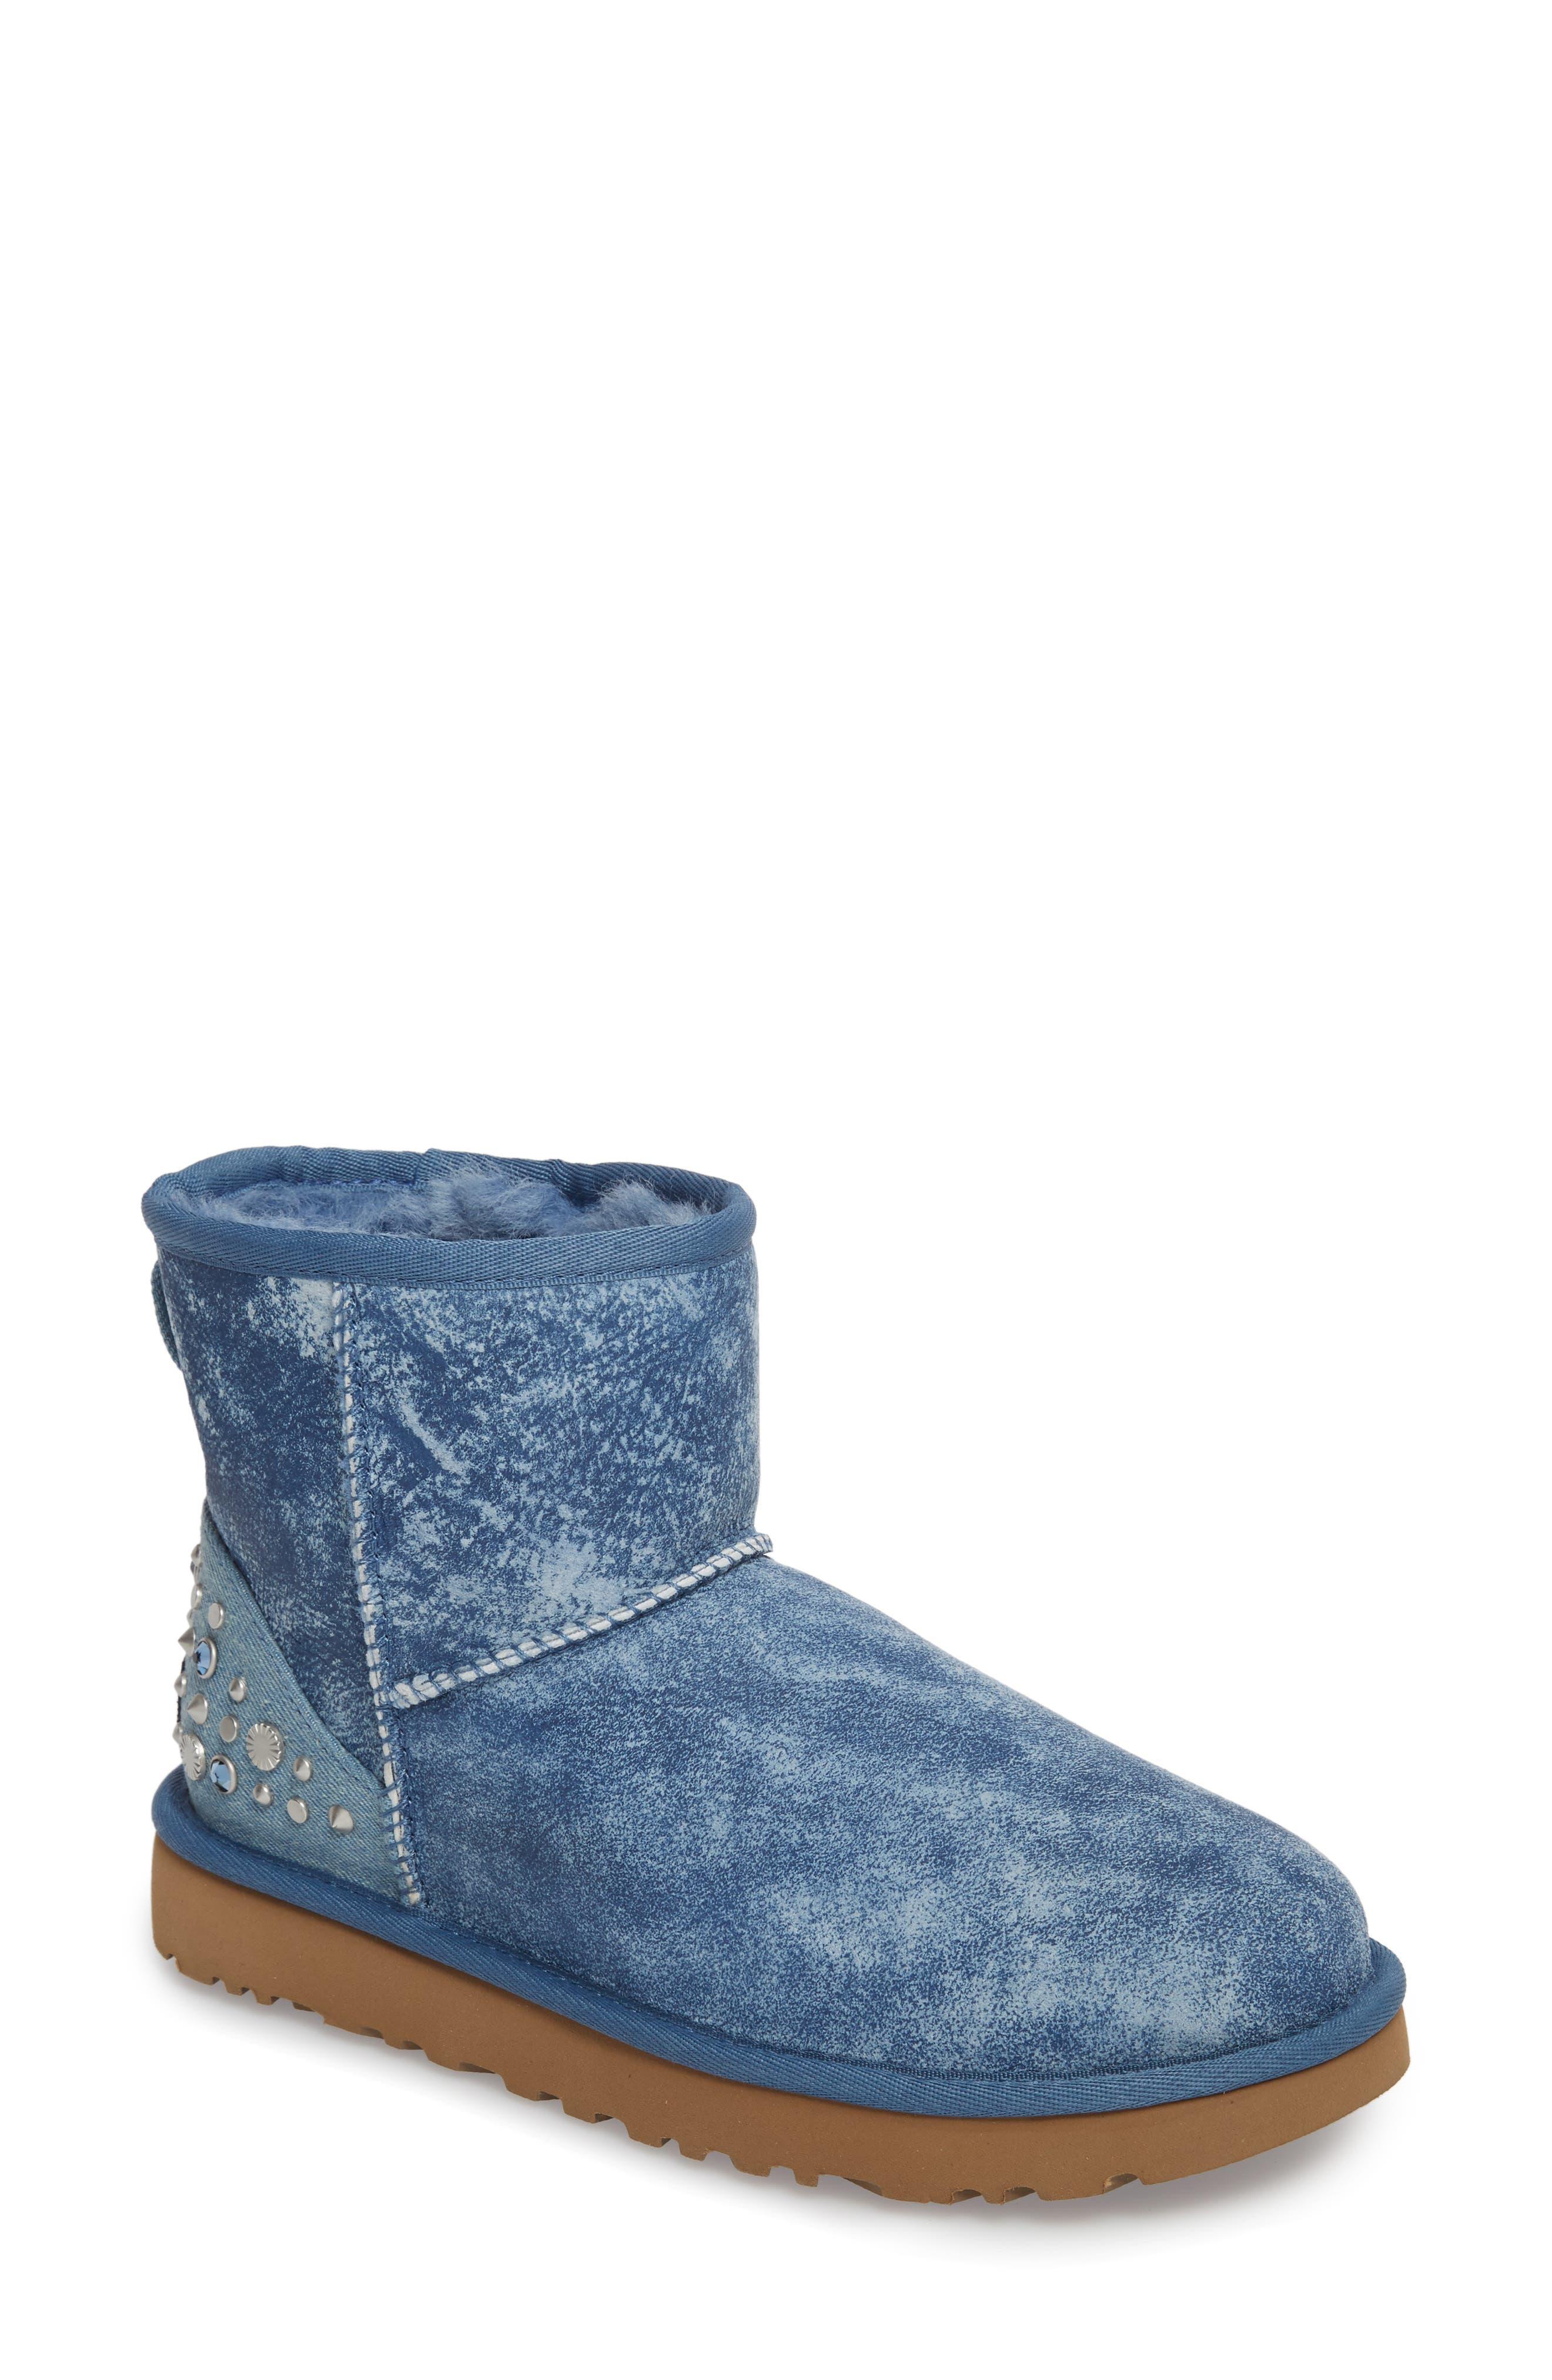 Main Image - UGG® Mini Studded Bling Boot (Women)